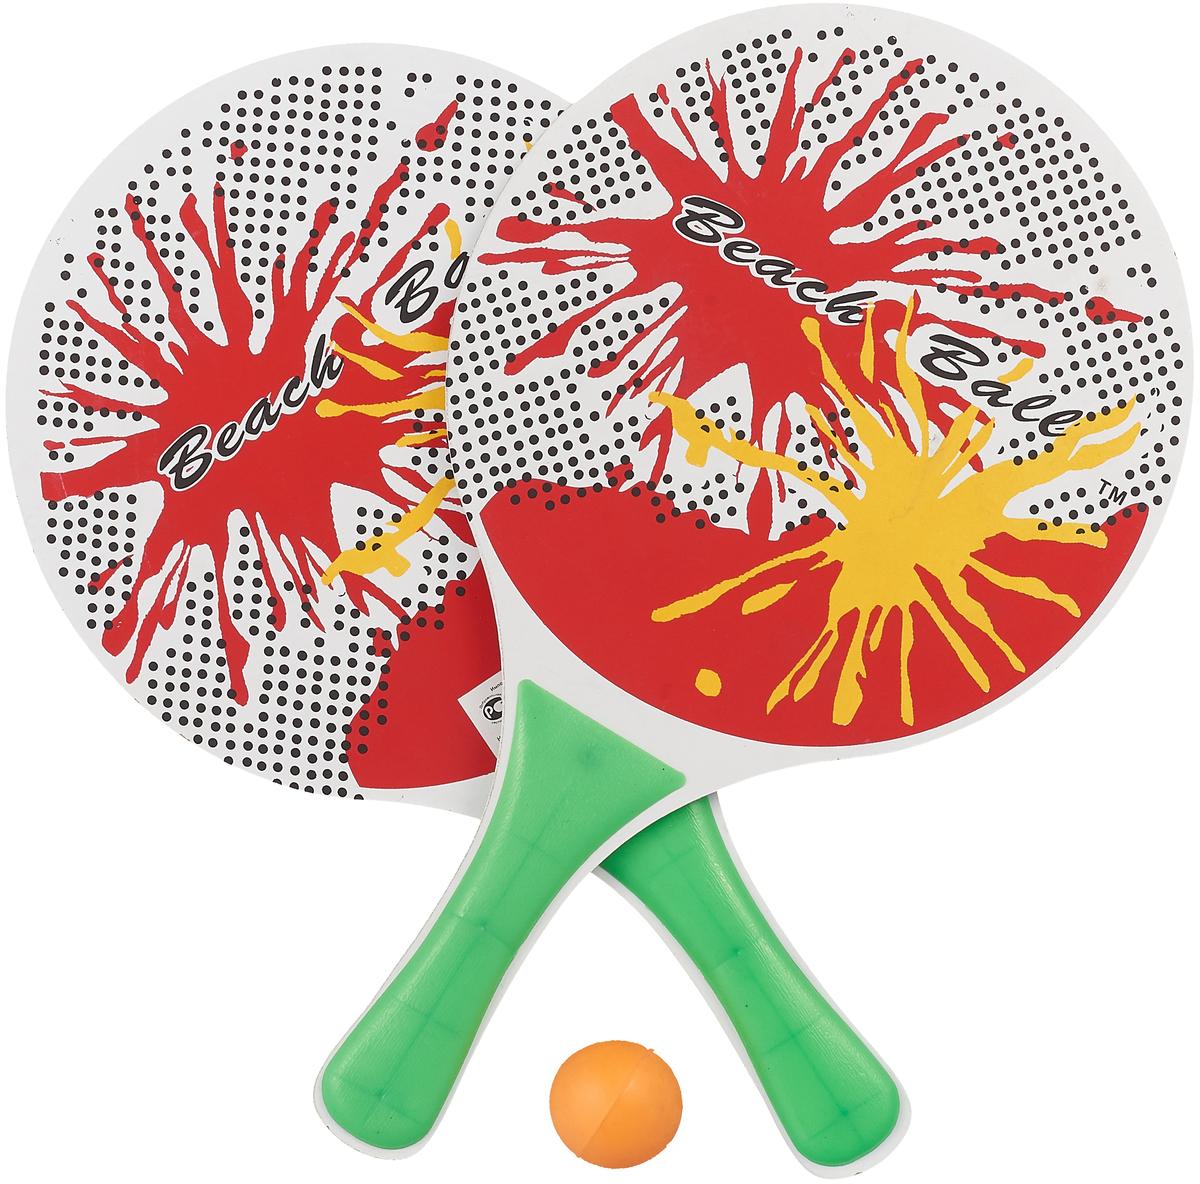 Набор для настольного тенниса Magic Home, 3 предмета, 41337